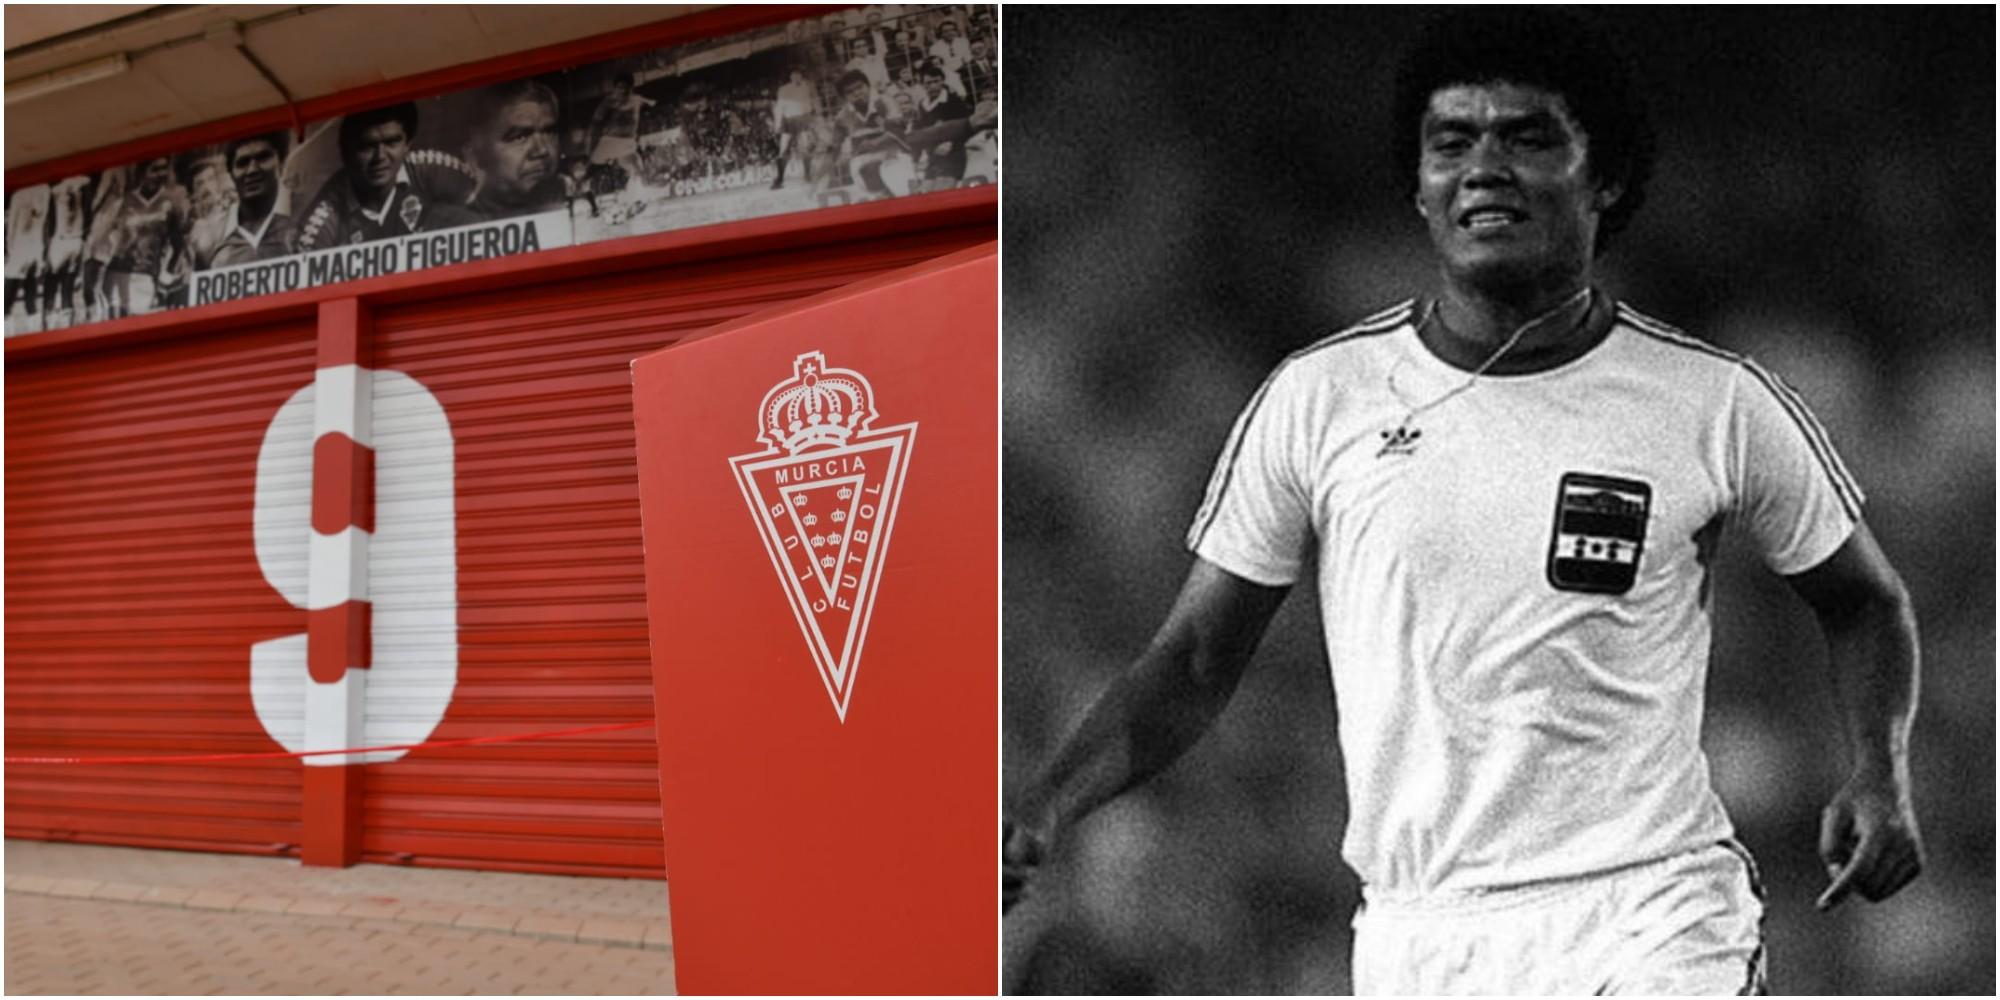 Real Murcia inaugura puerta 9 en honor a Roberto Figueroa